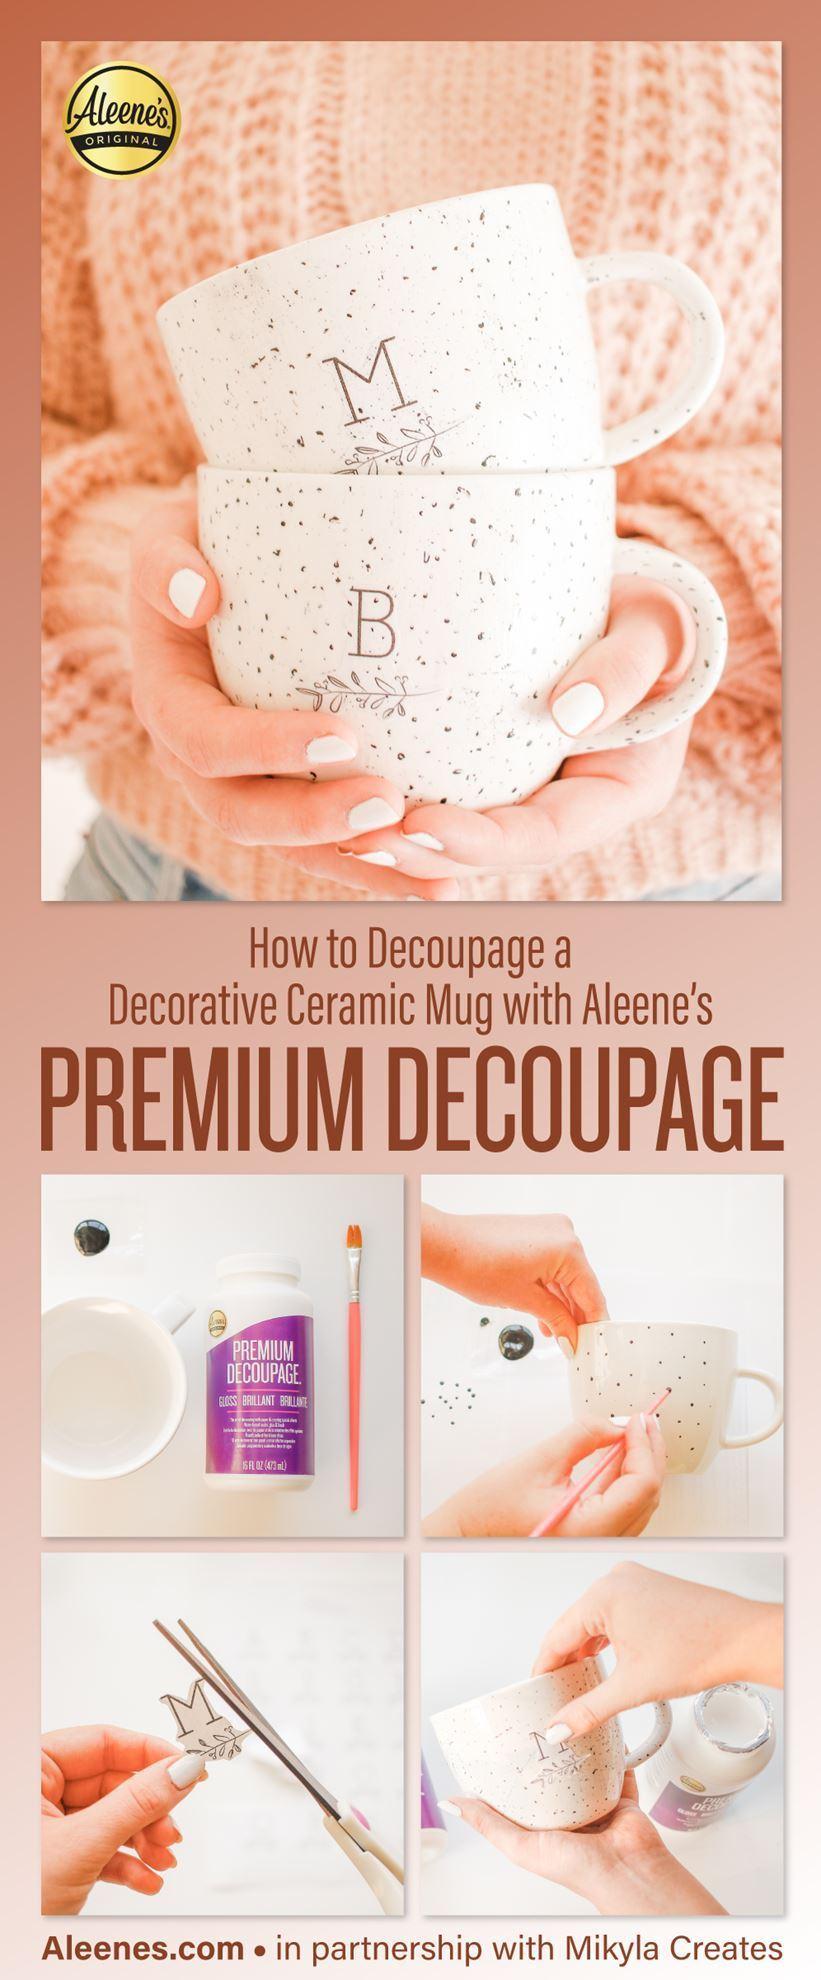 How to Decopauge a Ceramic Mug